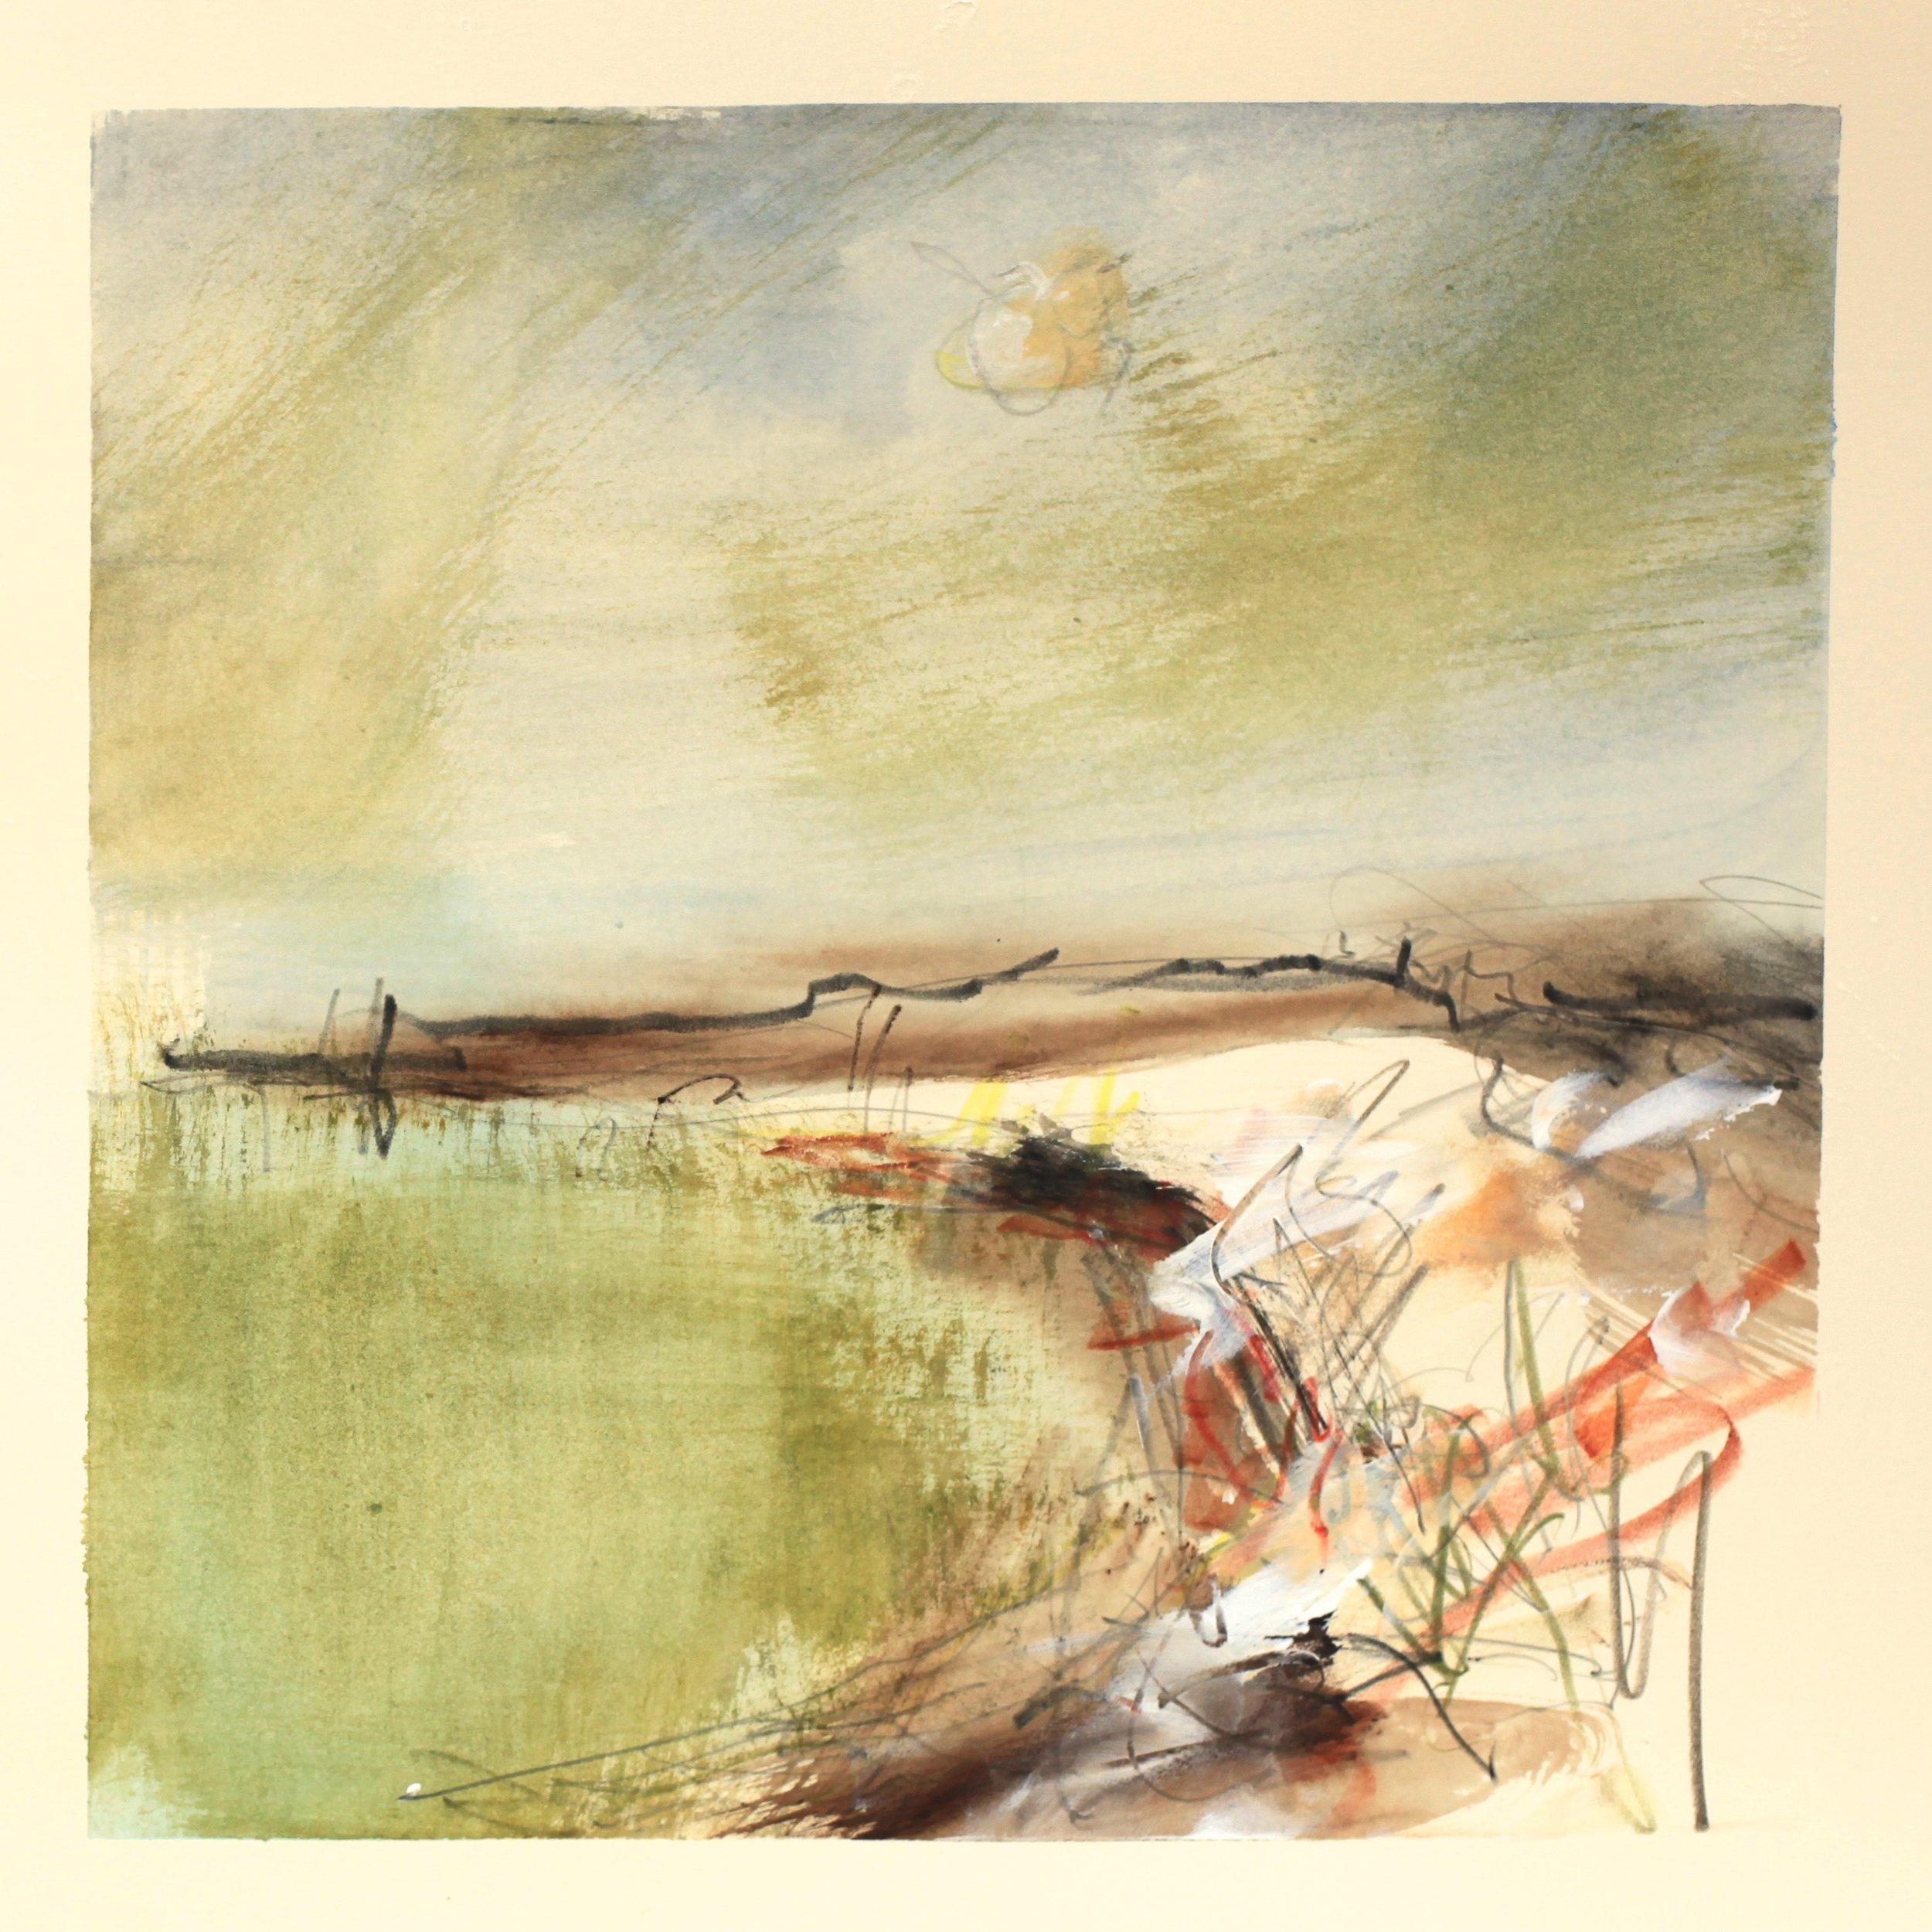 Green tide, watercolour, 28 x 28cm